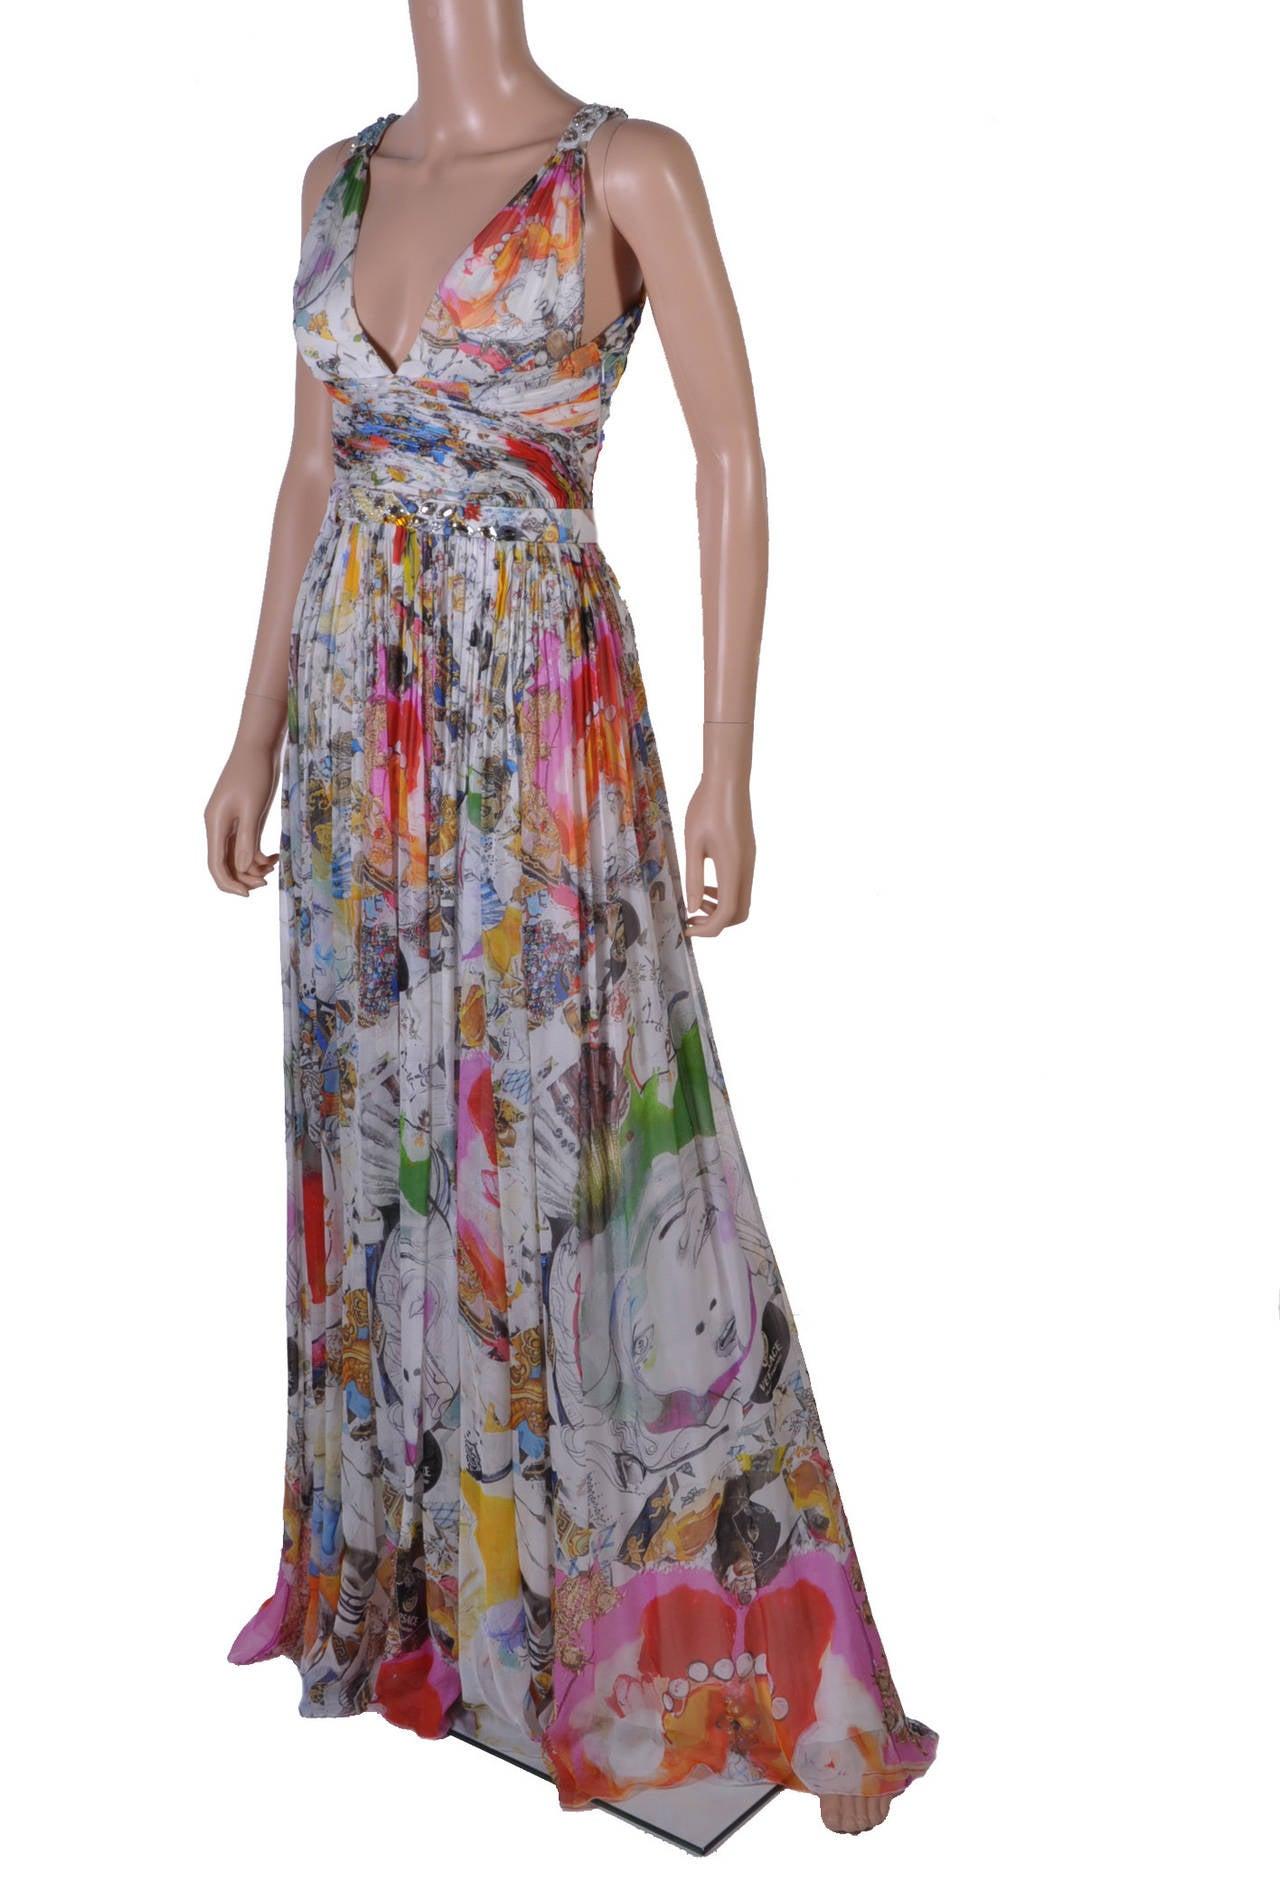 New VERSACE Julie Verhoeven Print Embellished Long Dress ...